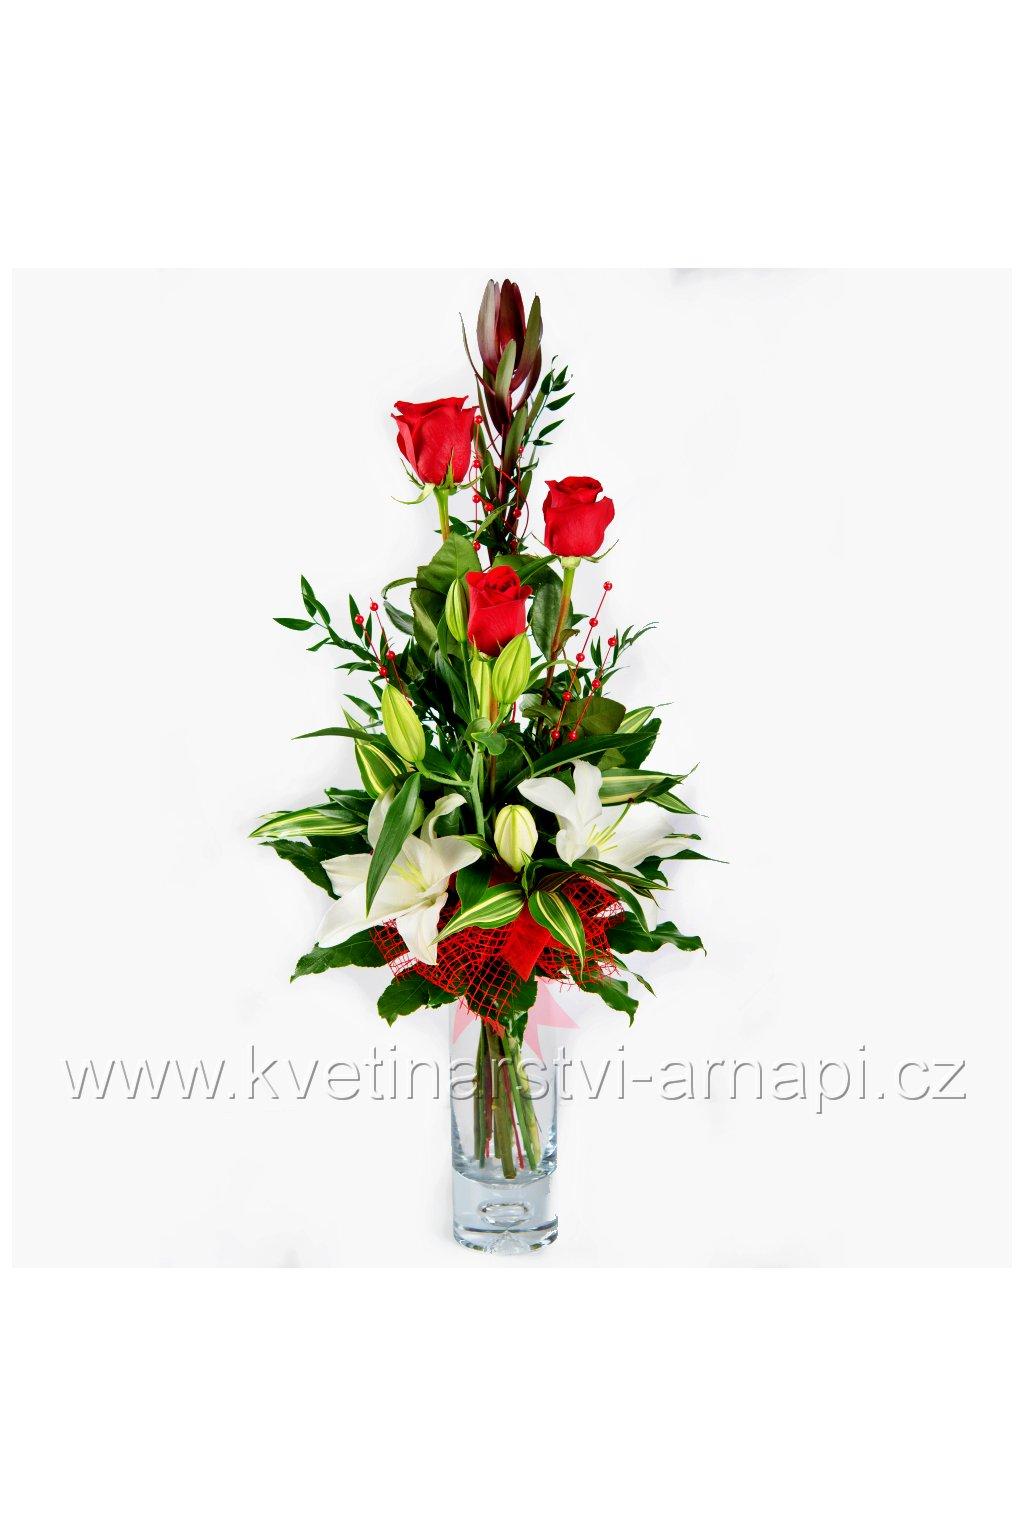 darkova kytice on line kvetinarstvi arnapi